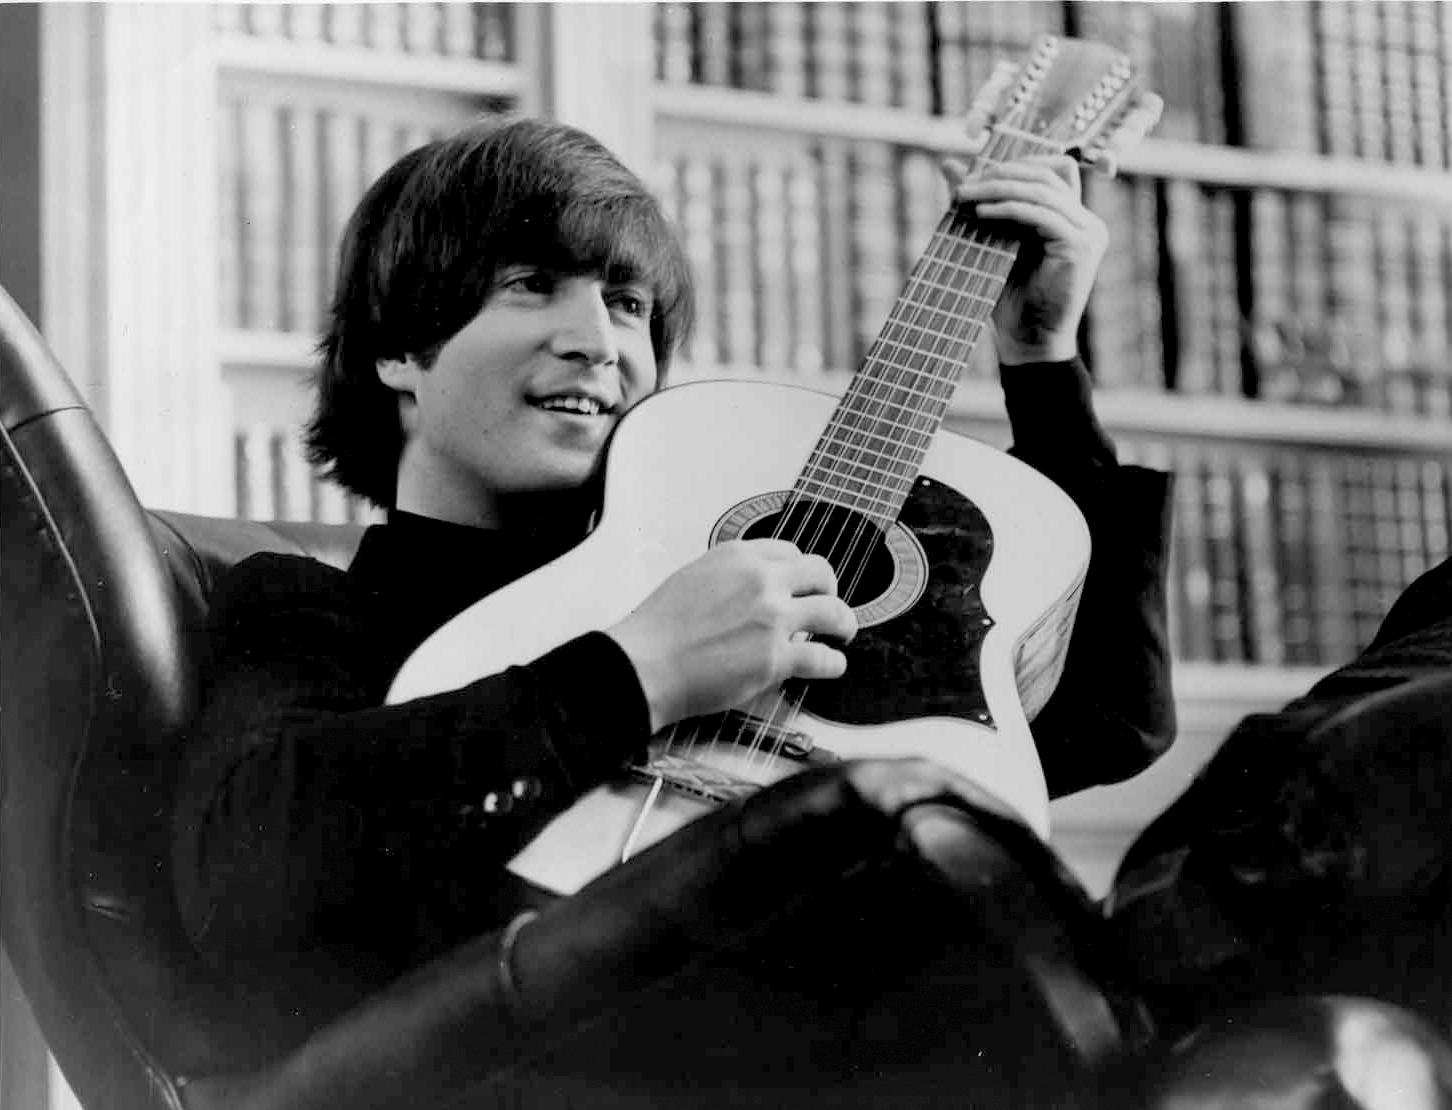 John_Lennons_letter_will_be_sold